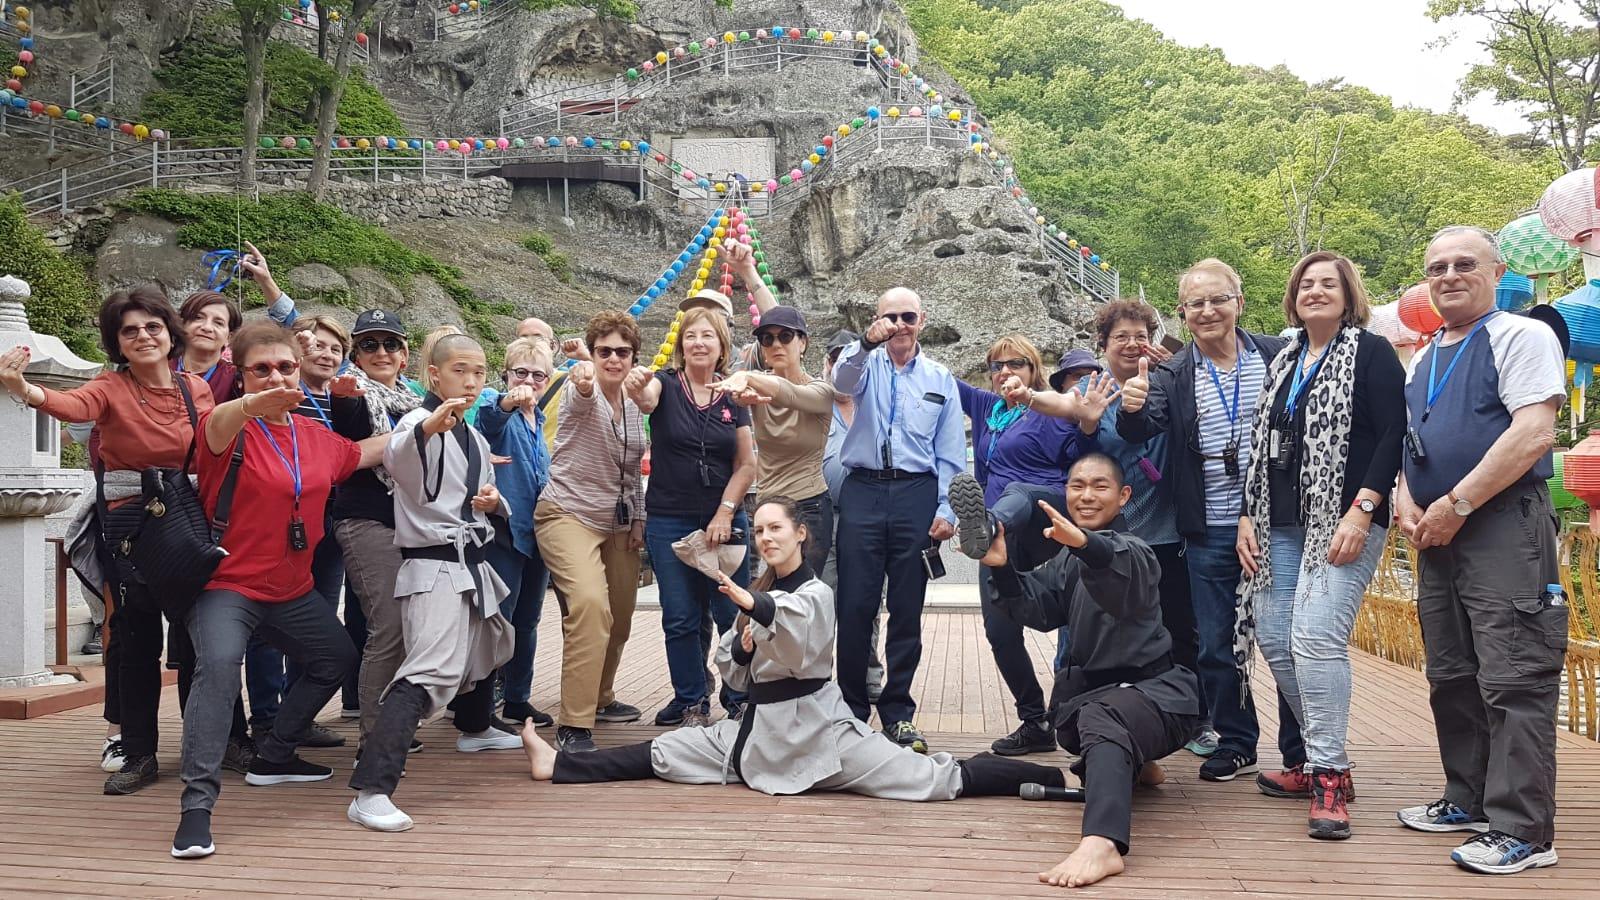 מספרים עלינו| חוות דעת | Explore korea | טיולים מאורגנים לדרום קוריאה | עופר דנון